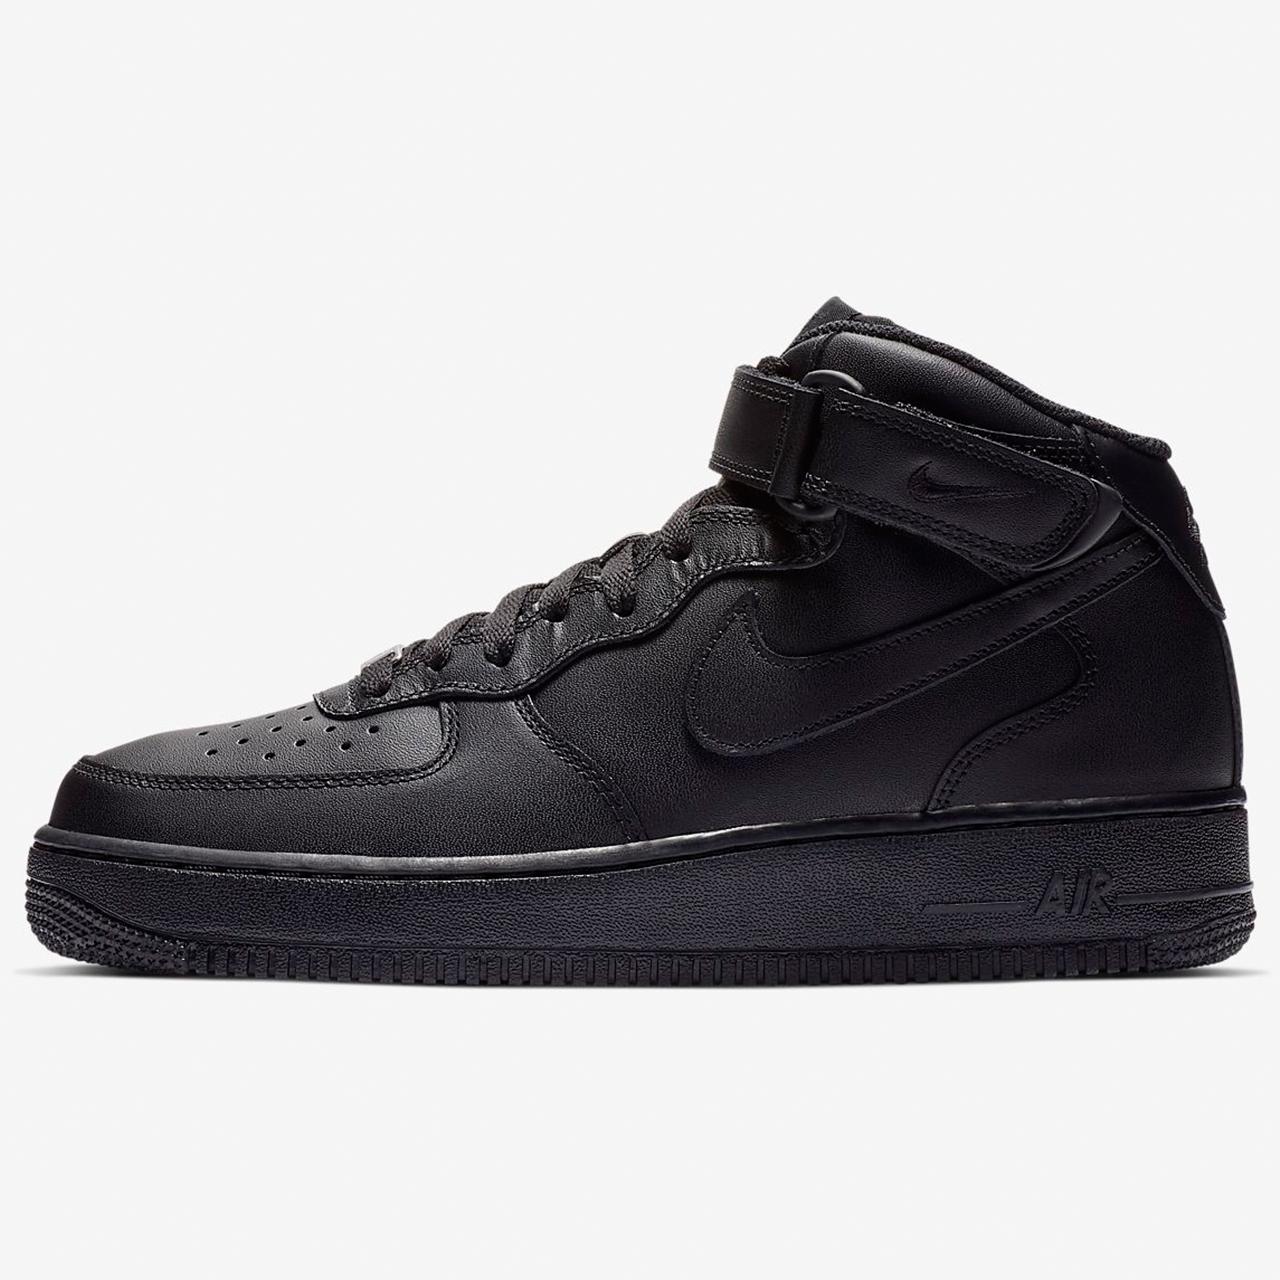 قیمت کفش ورزشی مردانه نایکی مدل Air Force 1 Mid '07